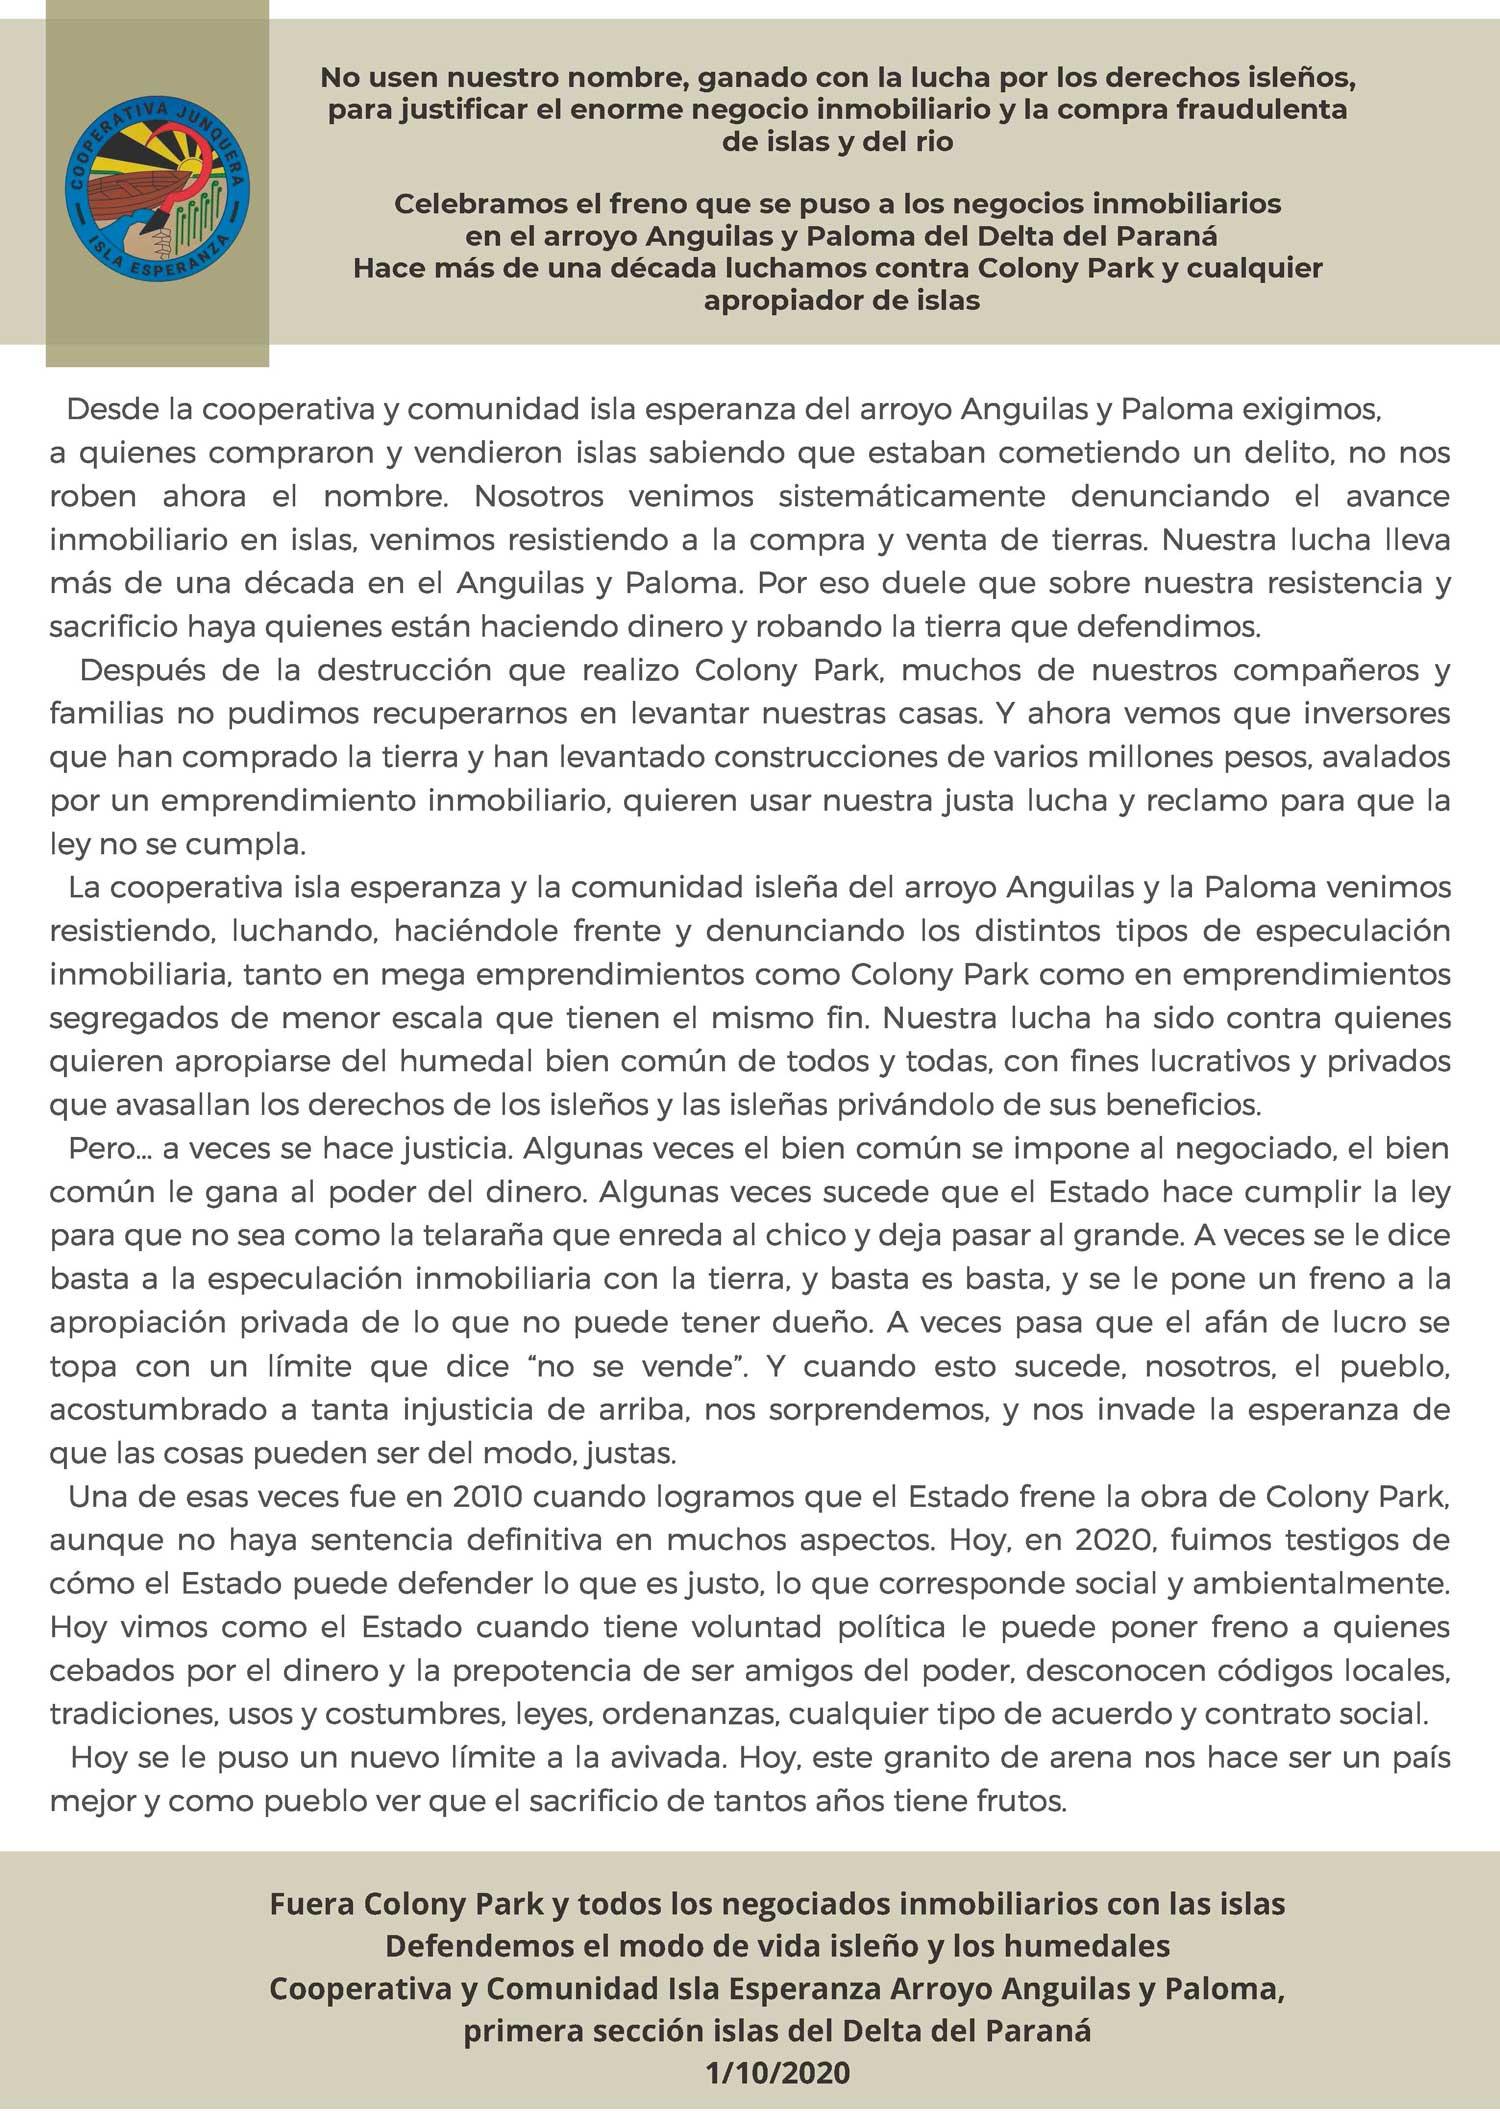 Comunicado Cooperativa Isla Esperanza